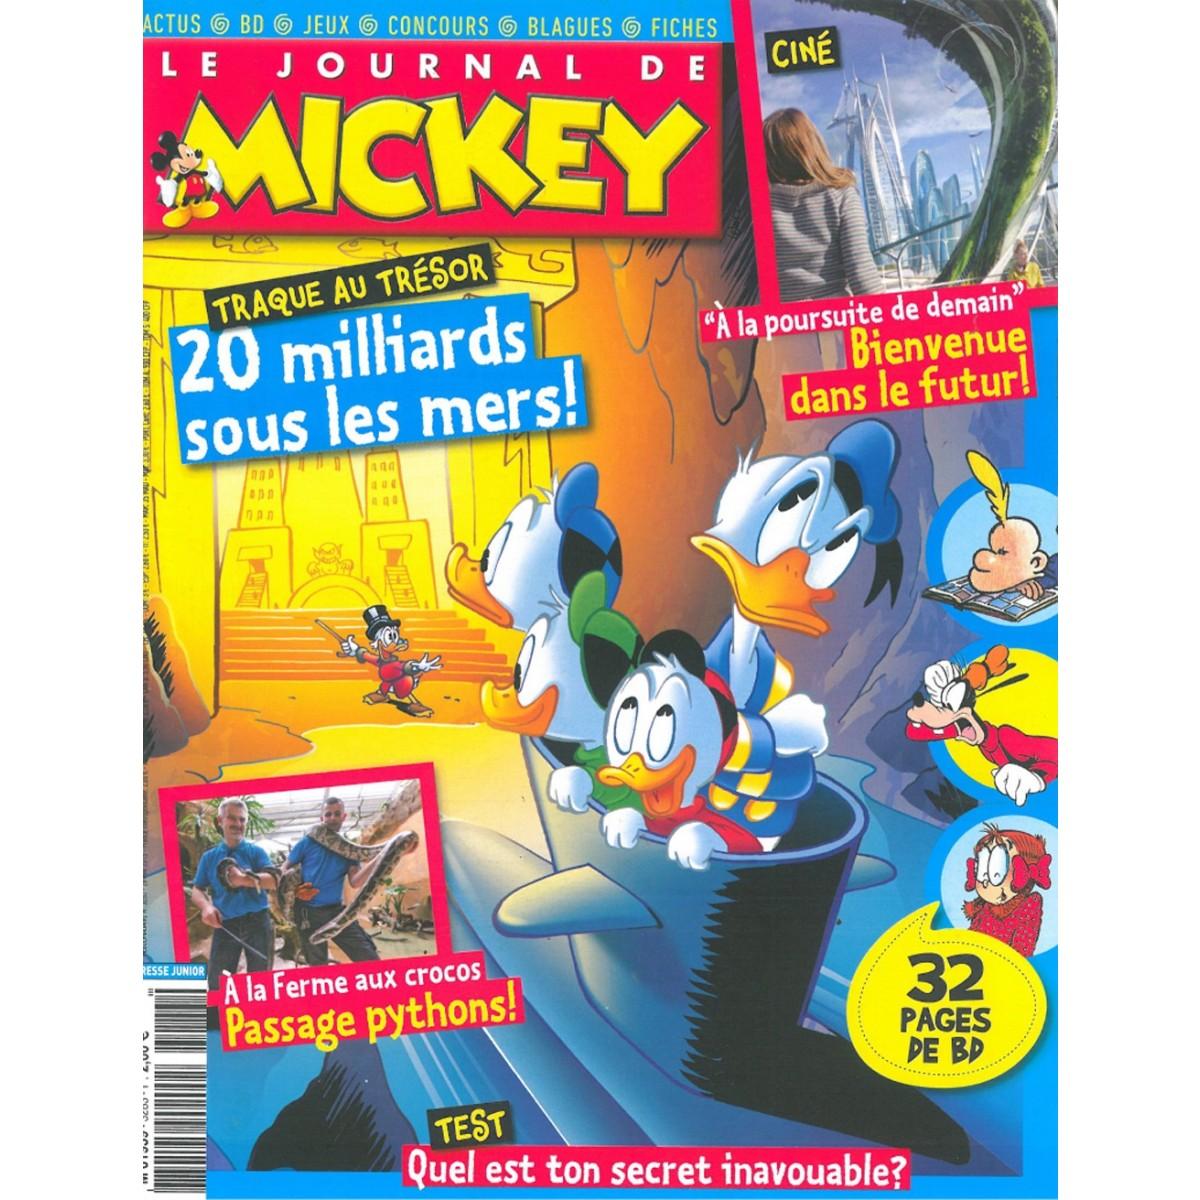 Abonnement magazine le journal de mickey sur mag24 - Jeux de cuisine de mickey ...